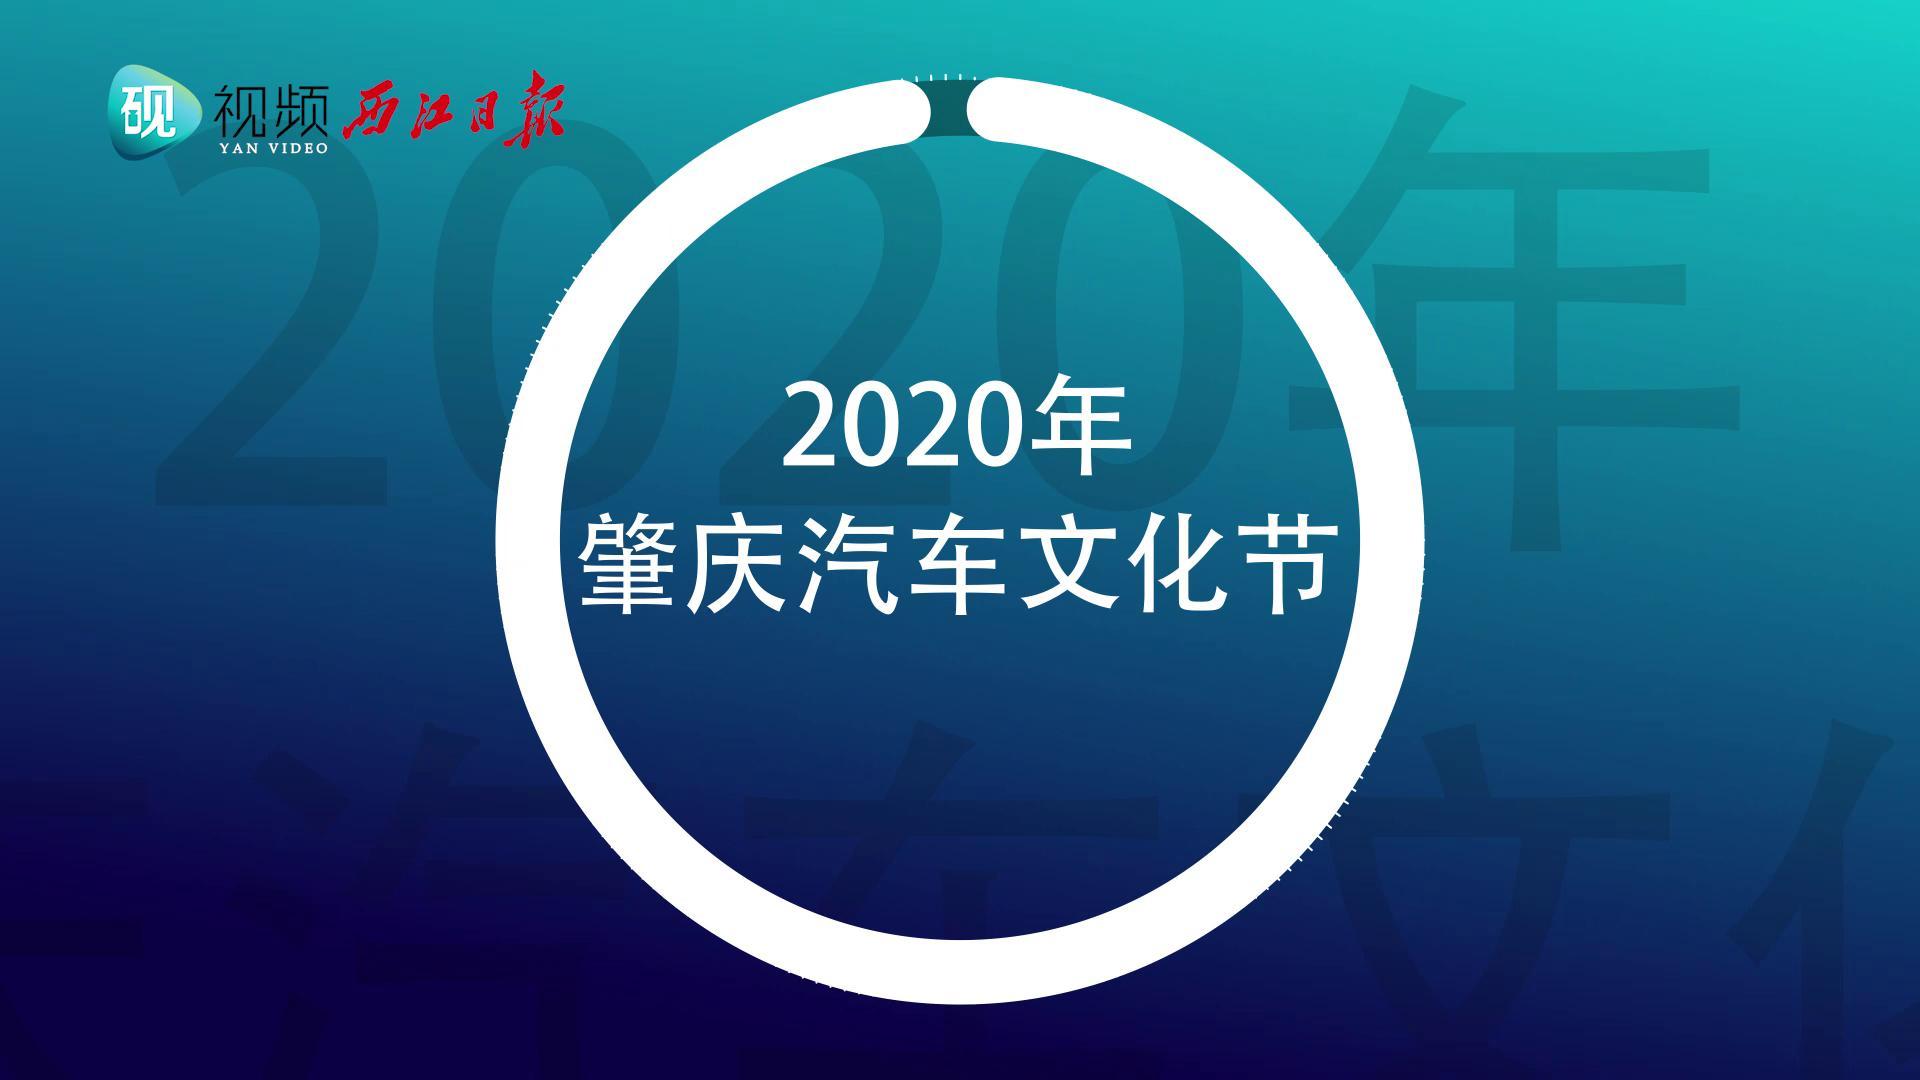 2020年肇庆汽车文化节预告